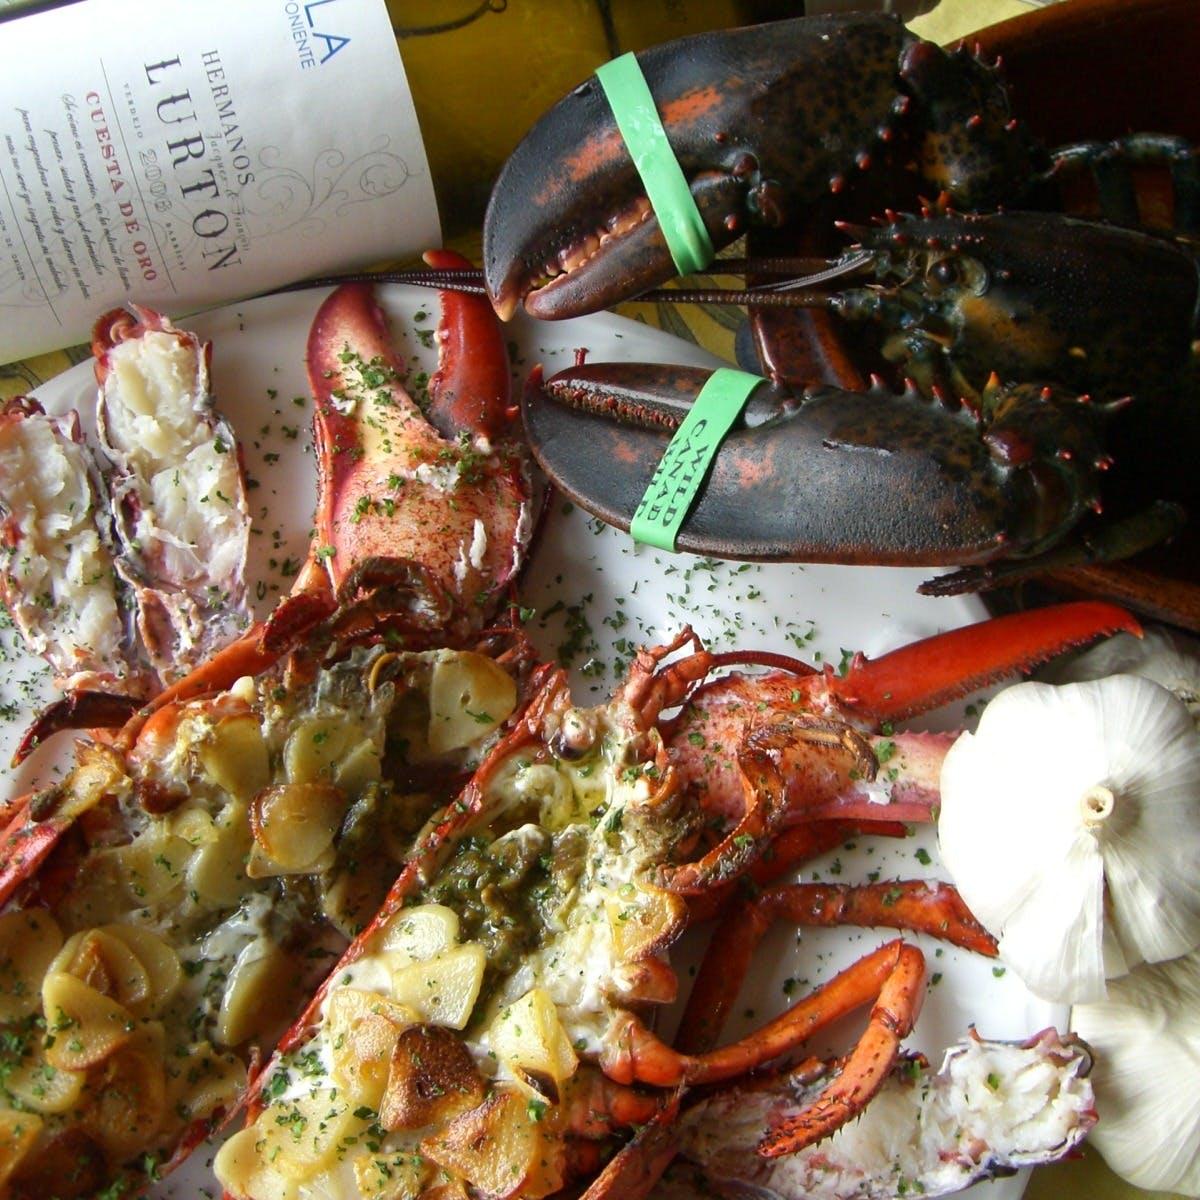 丁寧に作られた自慢のお料理と美味しいワイン